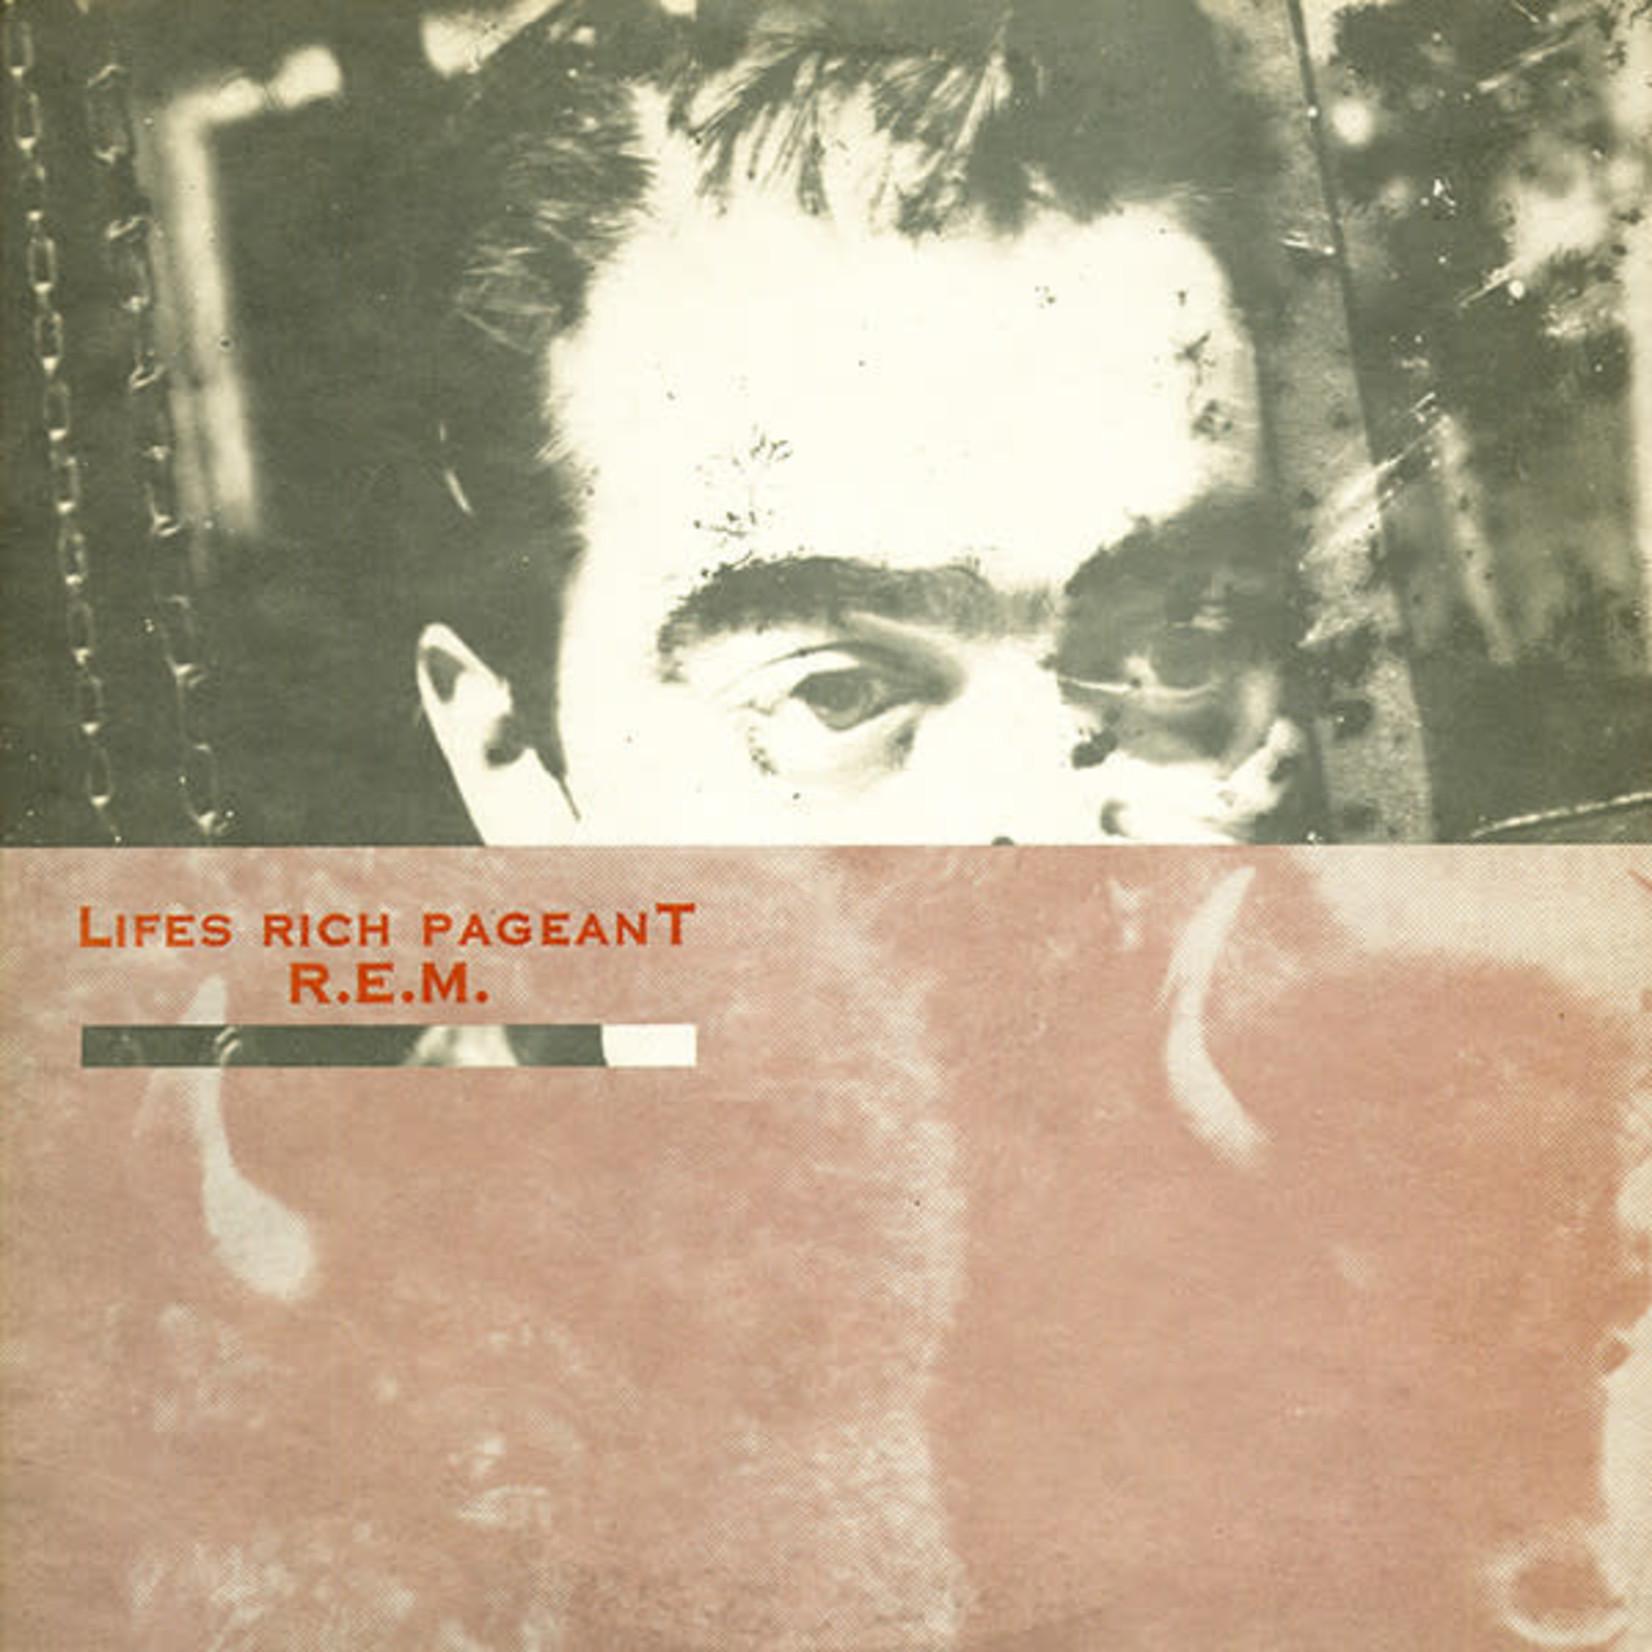 [Vintage] R.E.M.: Lifes Rich Pageant